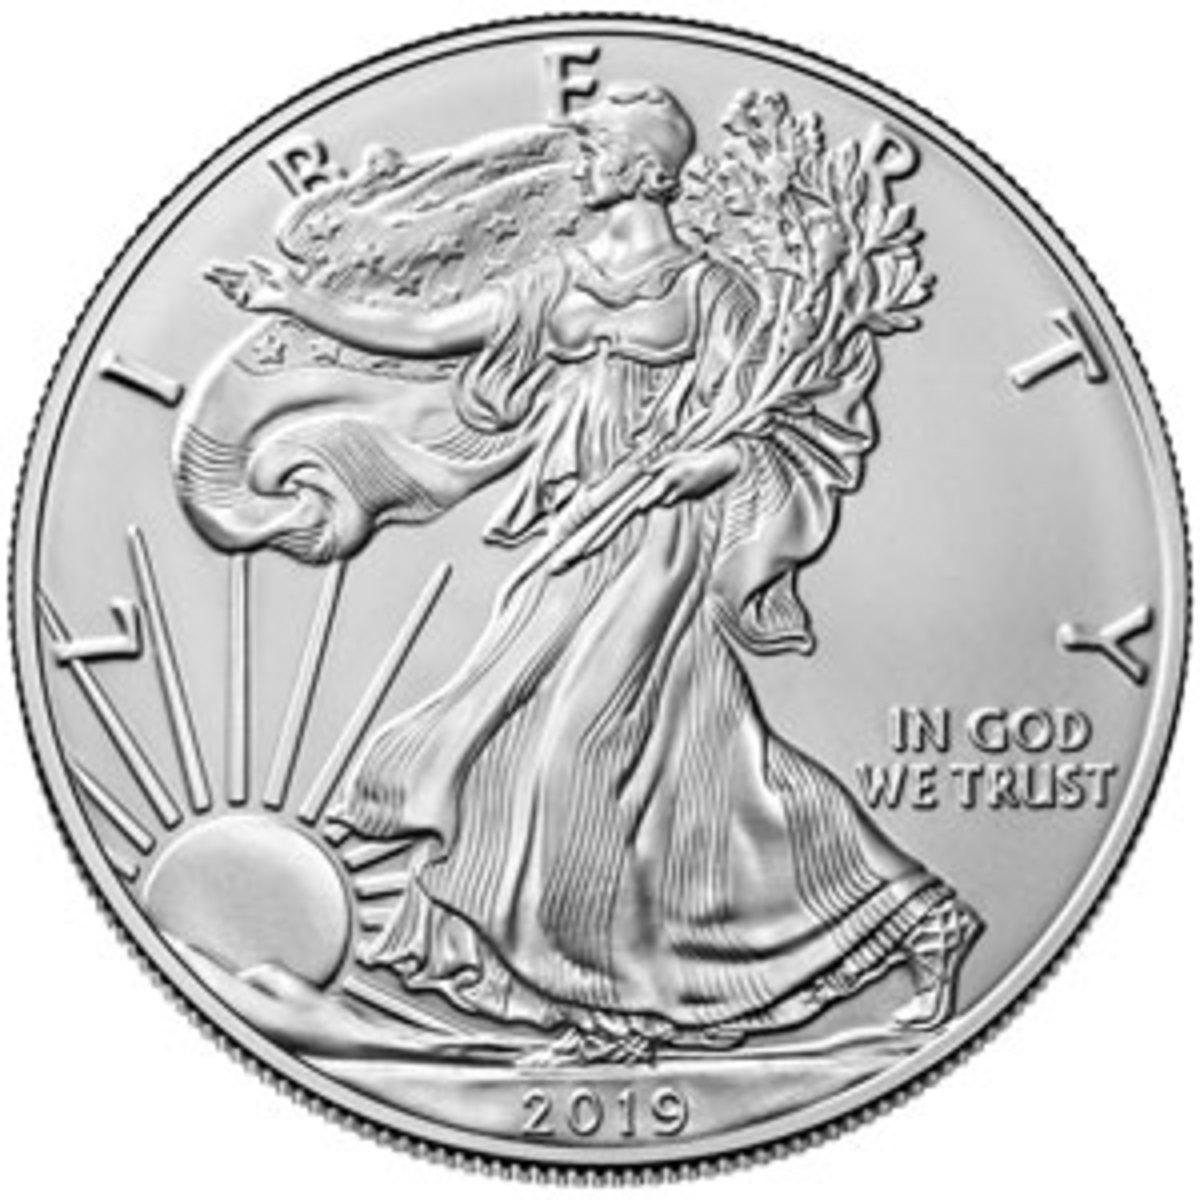 Silver bullion Eagle coin